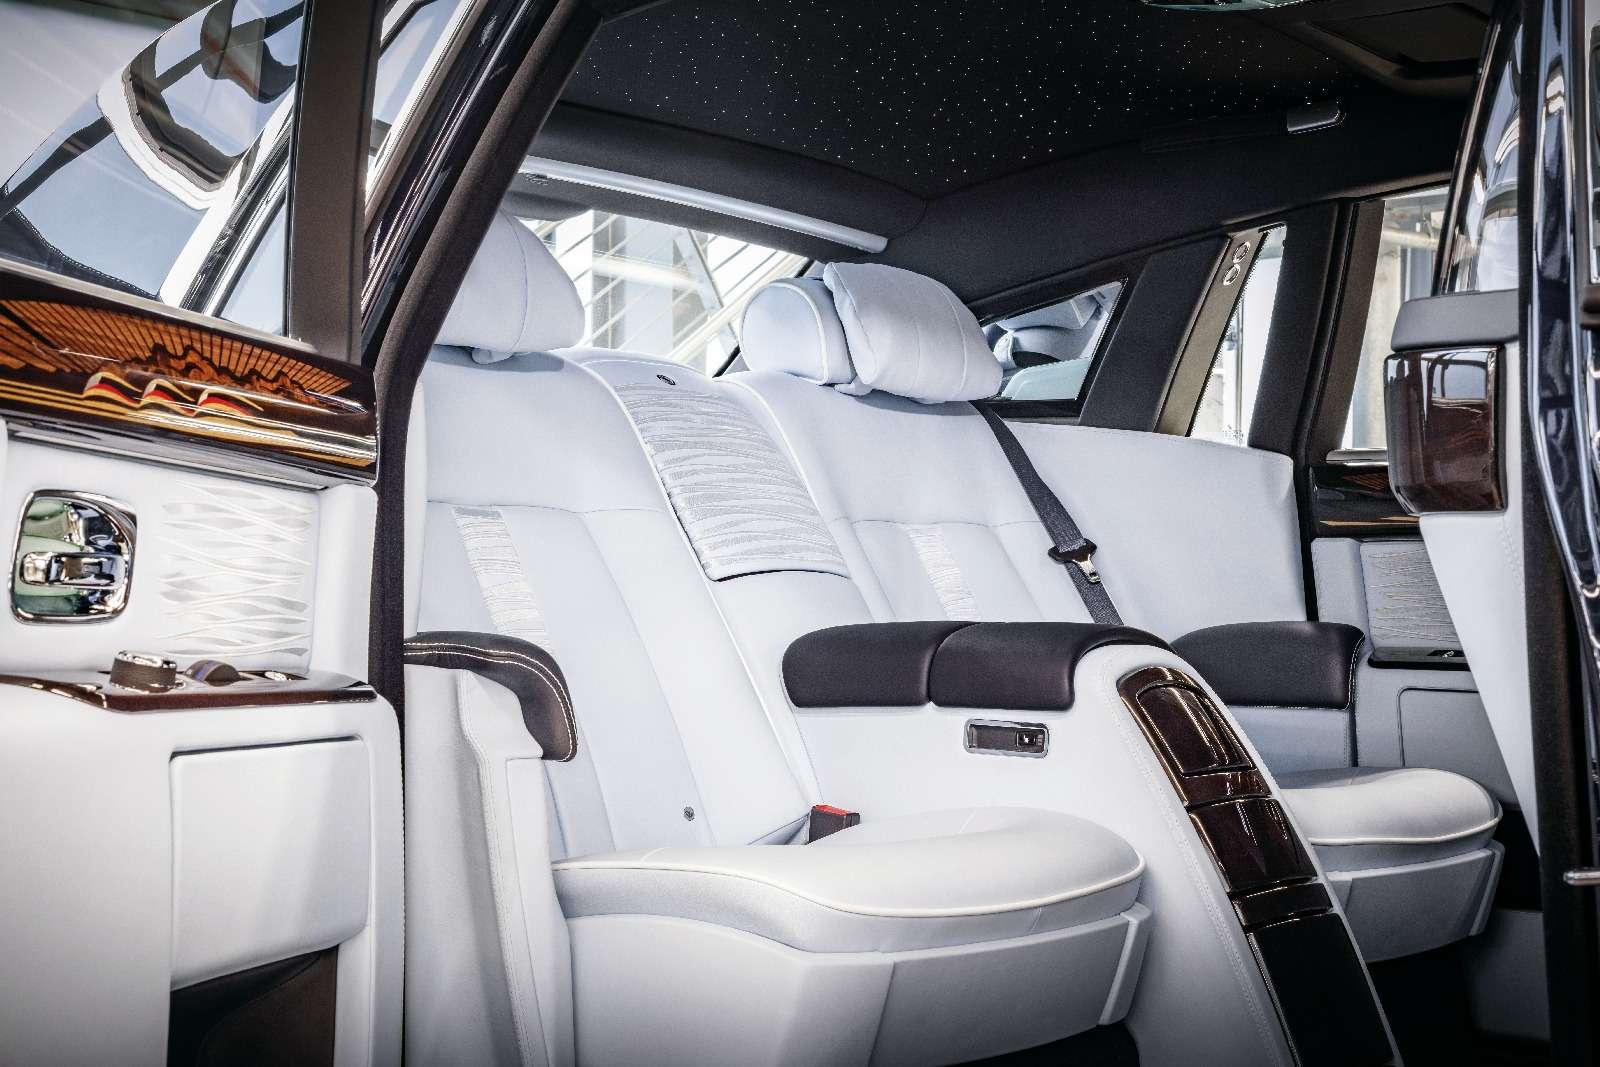 Прощание сседьмым «Призраком»: Rolls-Royce прекратил выпуск модели Phantom— фото 700793